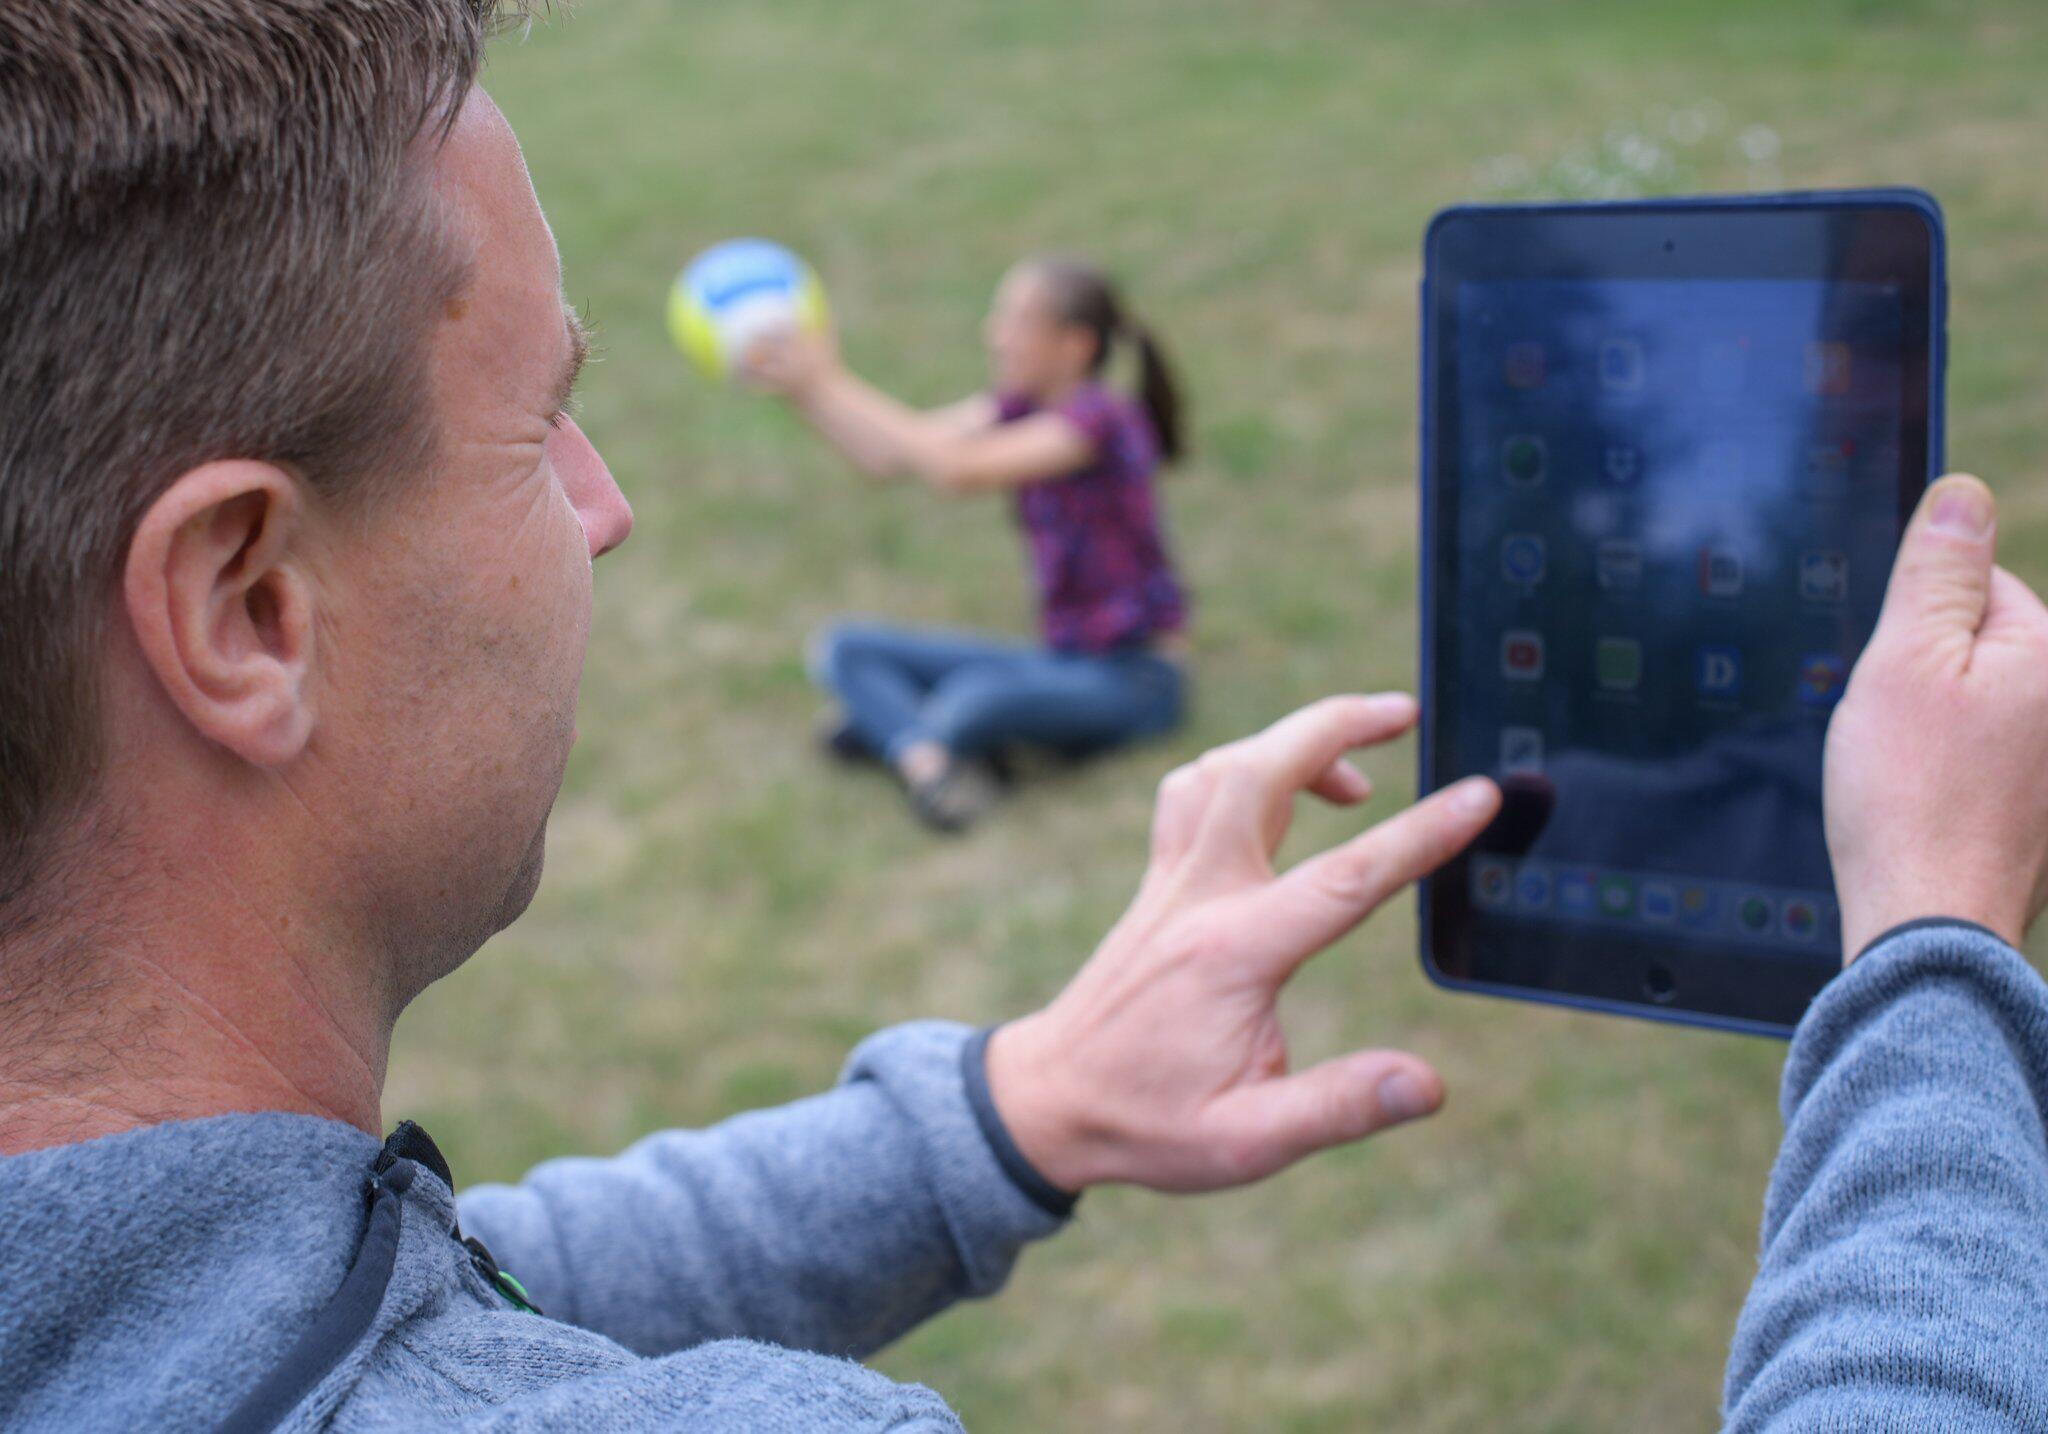 Bild zu Vater mit Tablet und Kind, das spielt